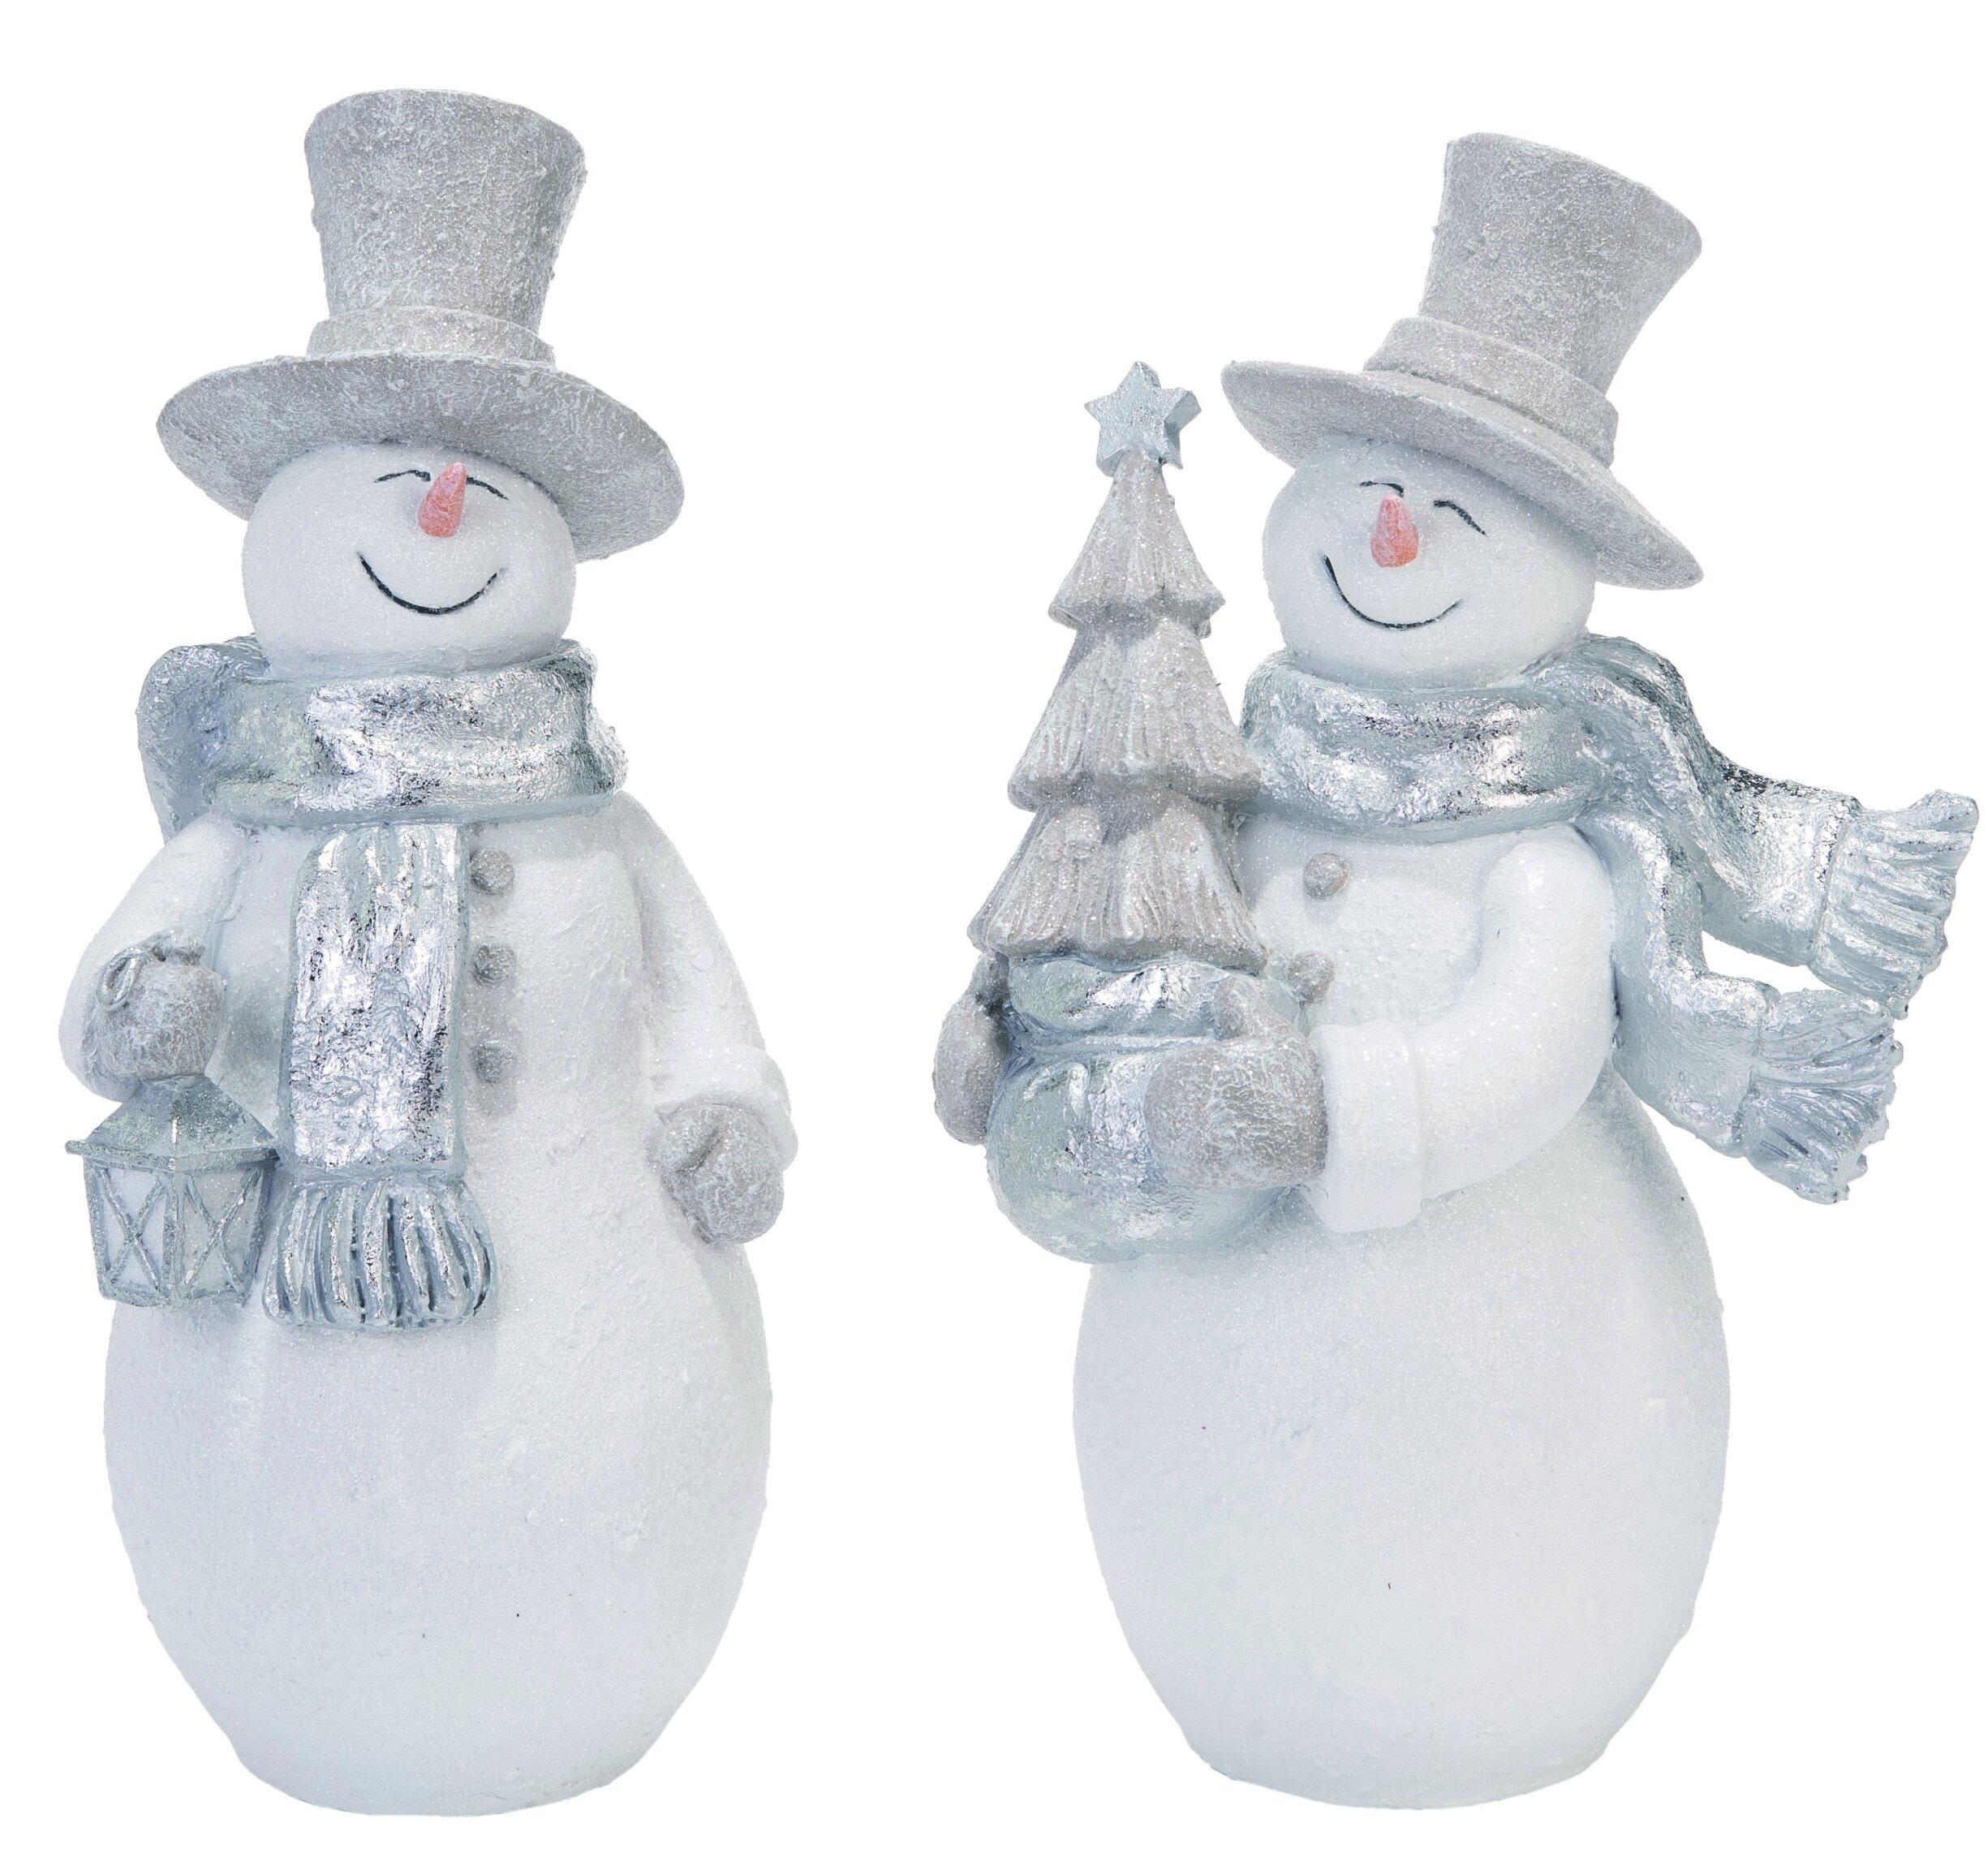 The Holiday Aisle 2 Piece Resin Christmas Glitz Snowman Set Wayfair